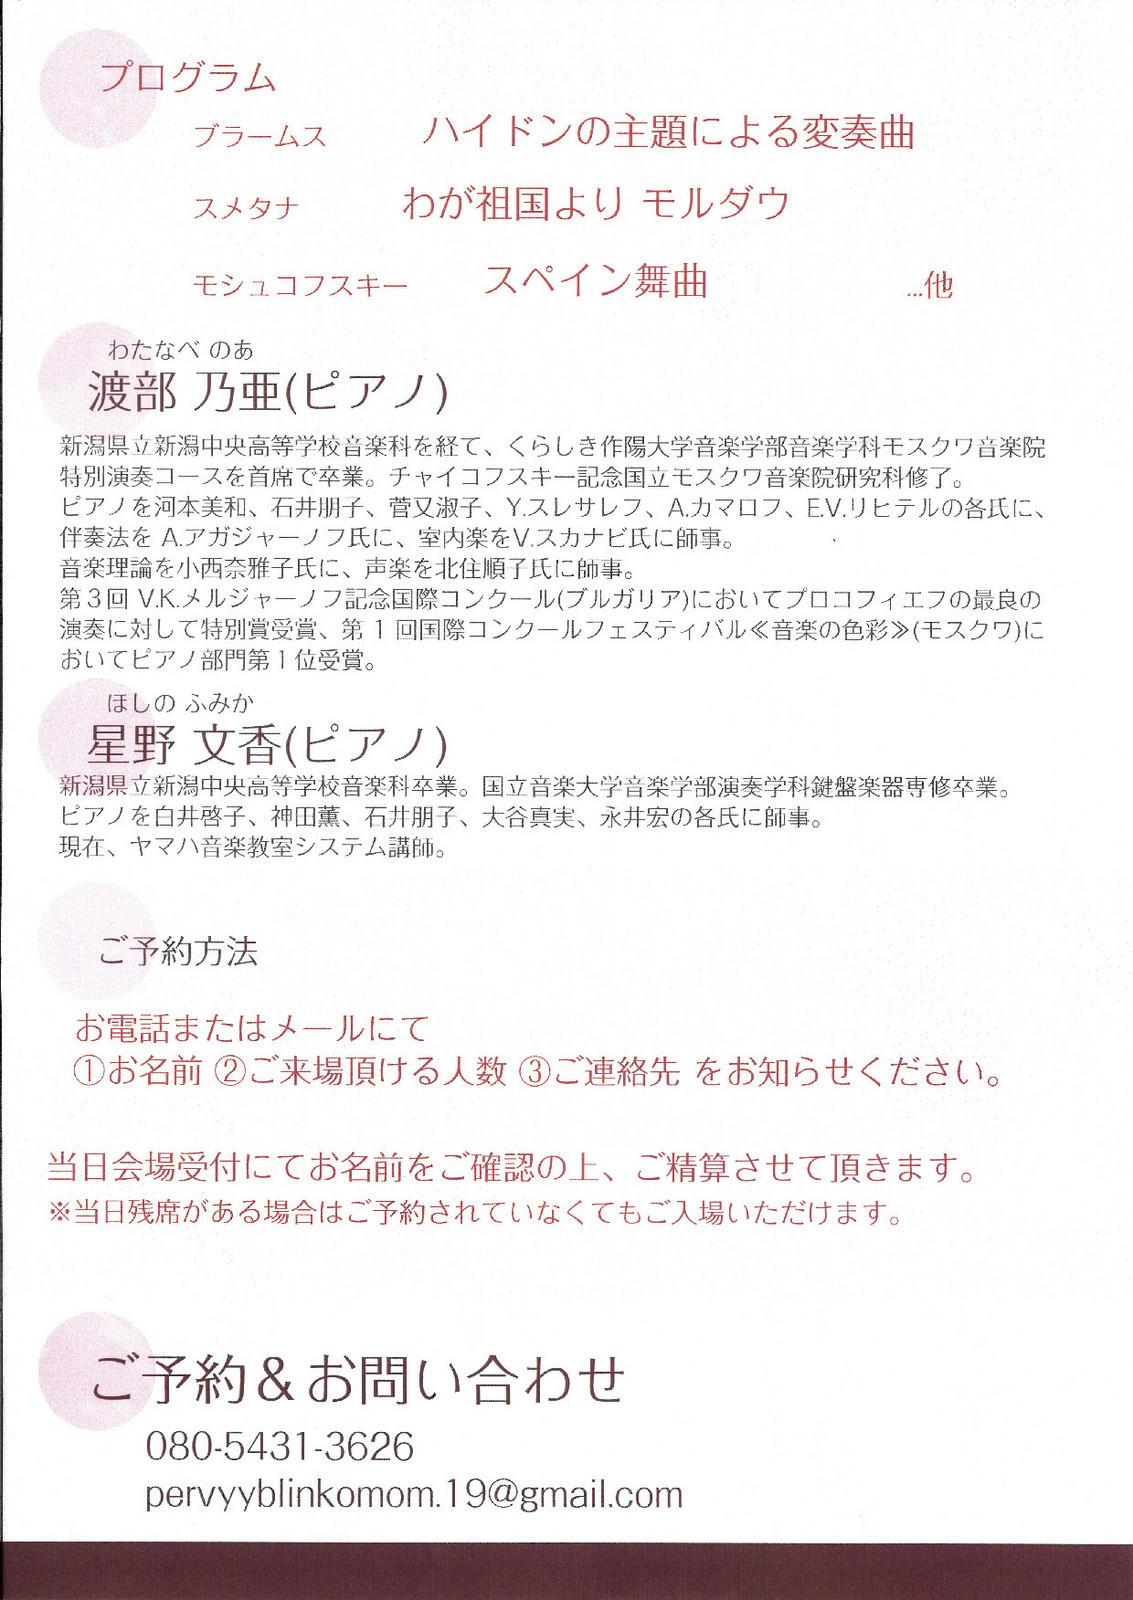 明日は岩渕仁美さん。若い皆さん頑張っています!_e0046190_18353673.jpg